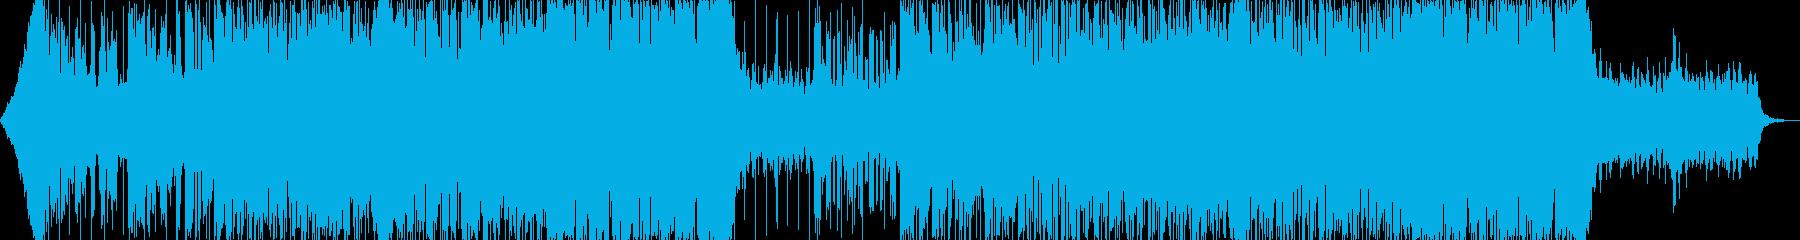 おしゃれクールカッコいいハウステクノAの再生済みの波形